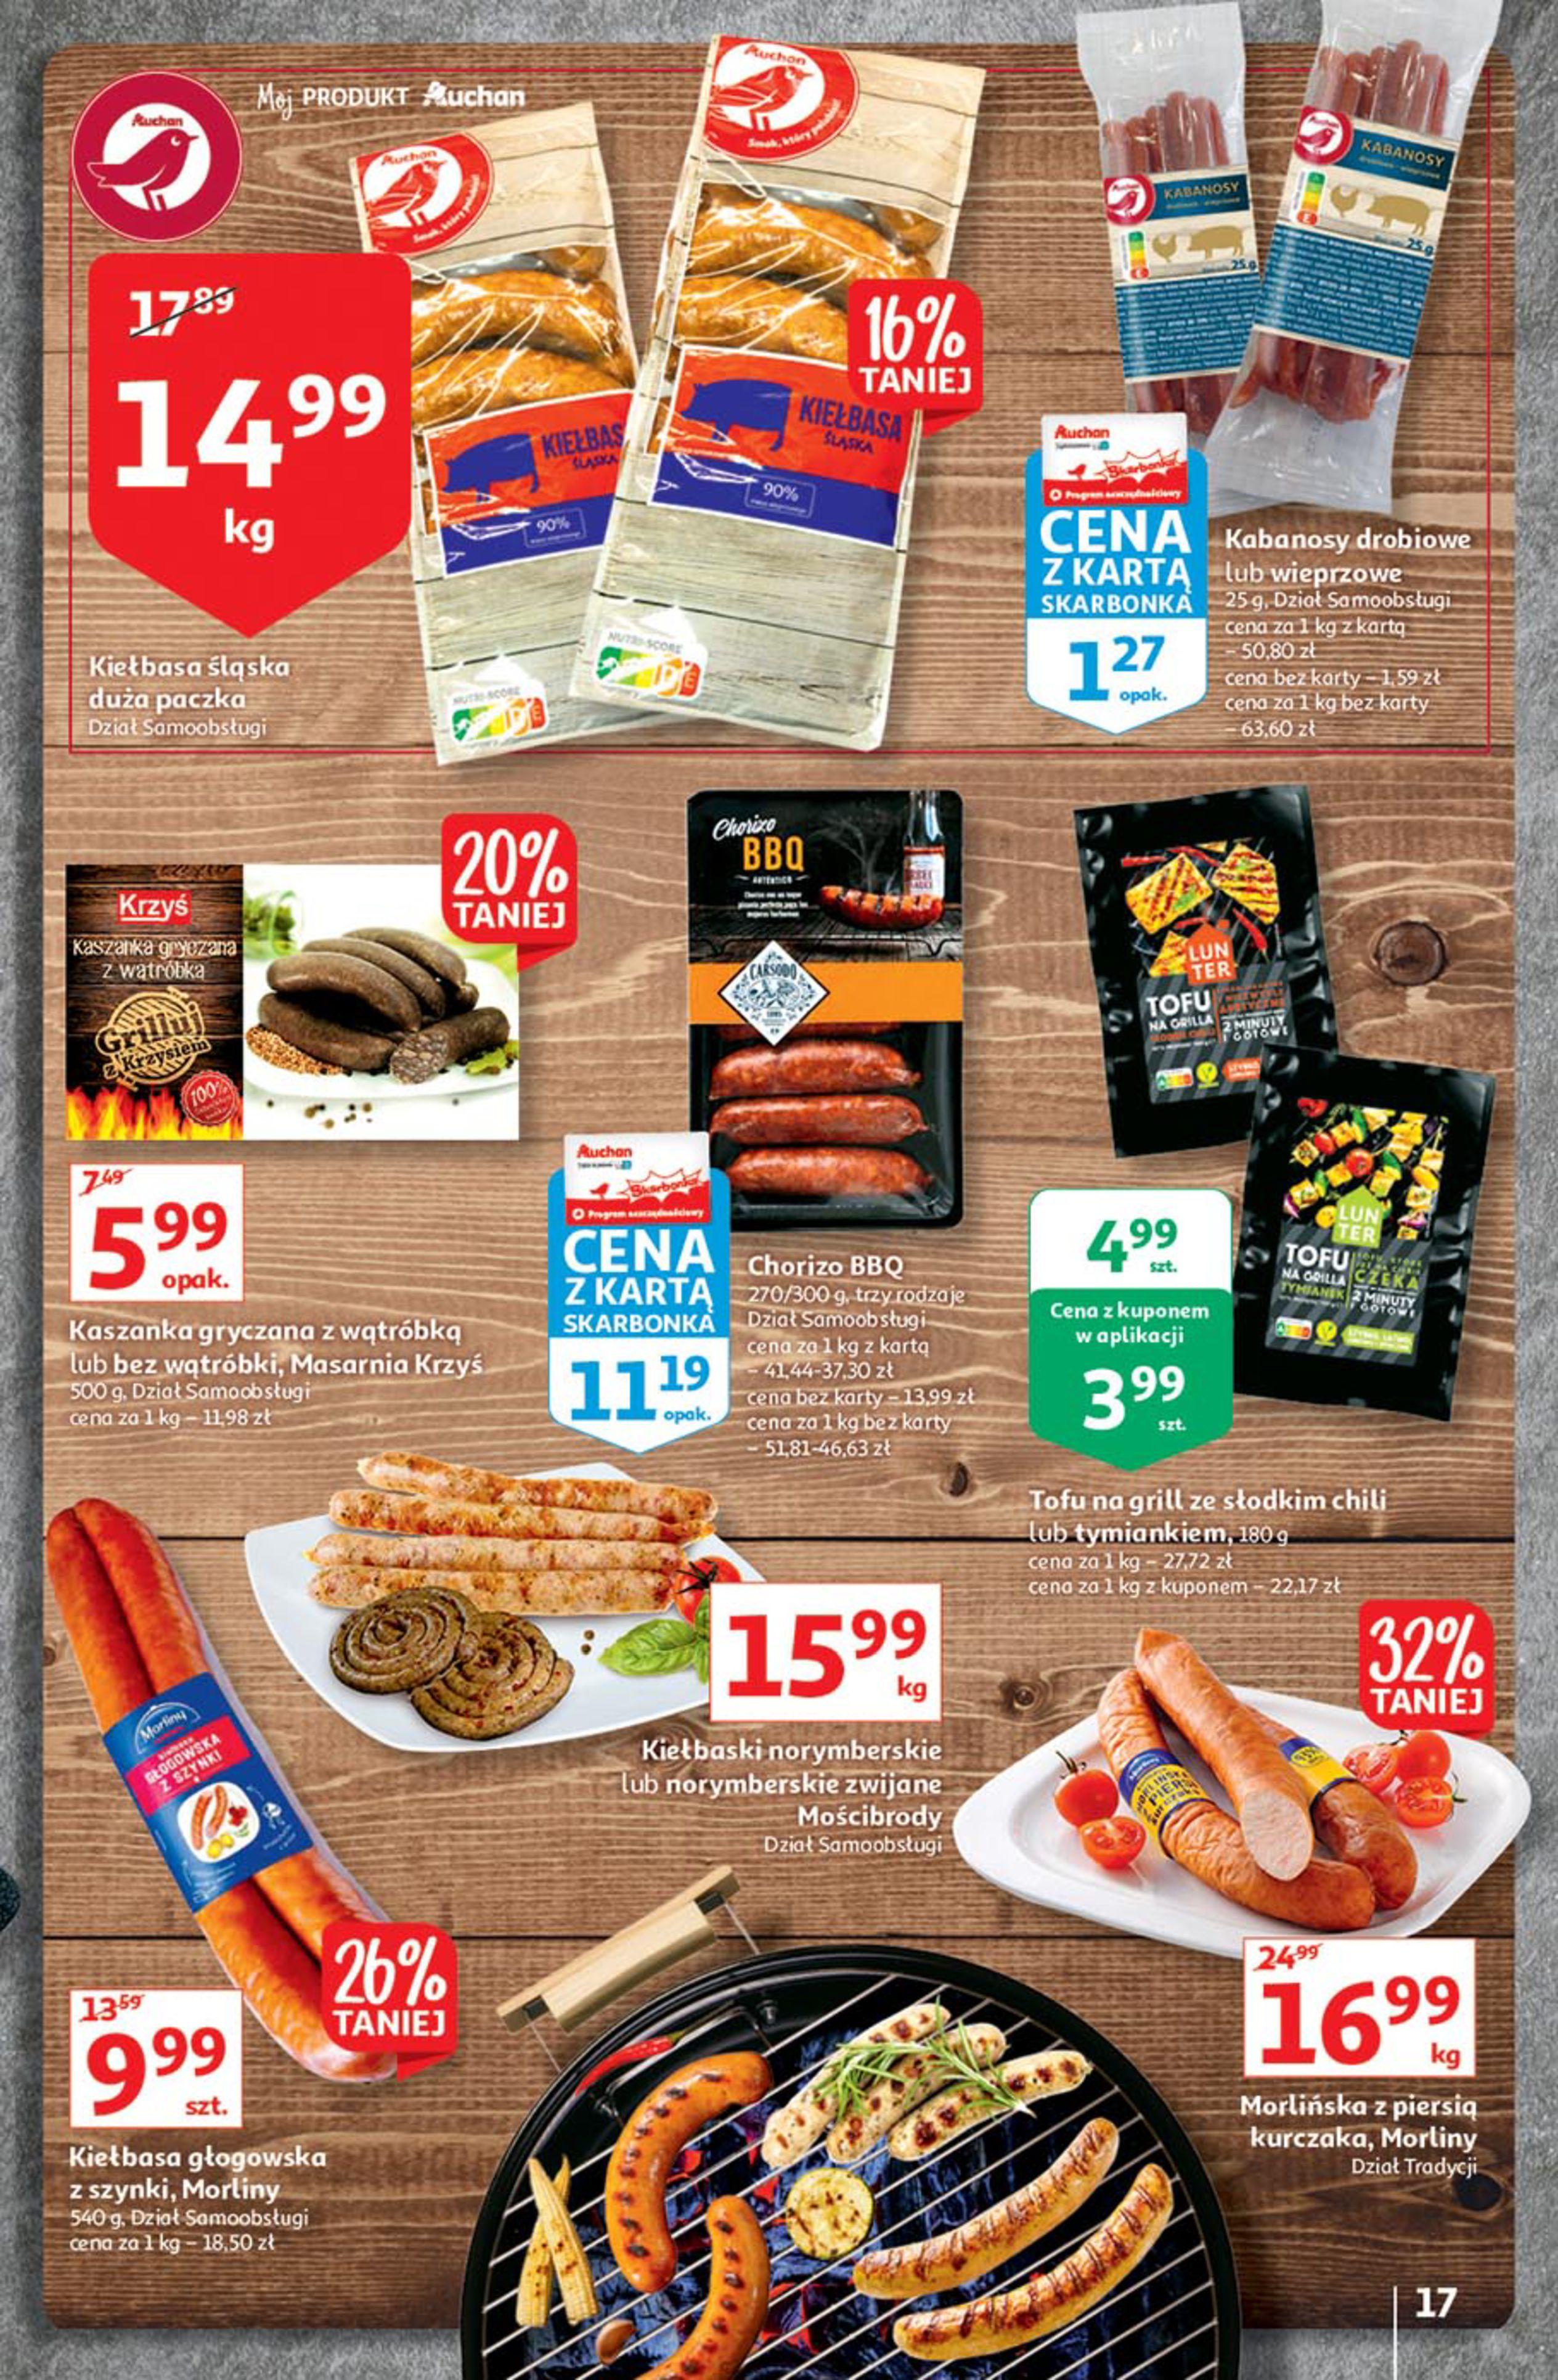 Gazetka Auchan: Gazetka Auchan - Euro 2020 2021-06-10 page-17